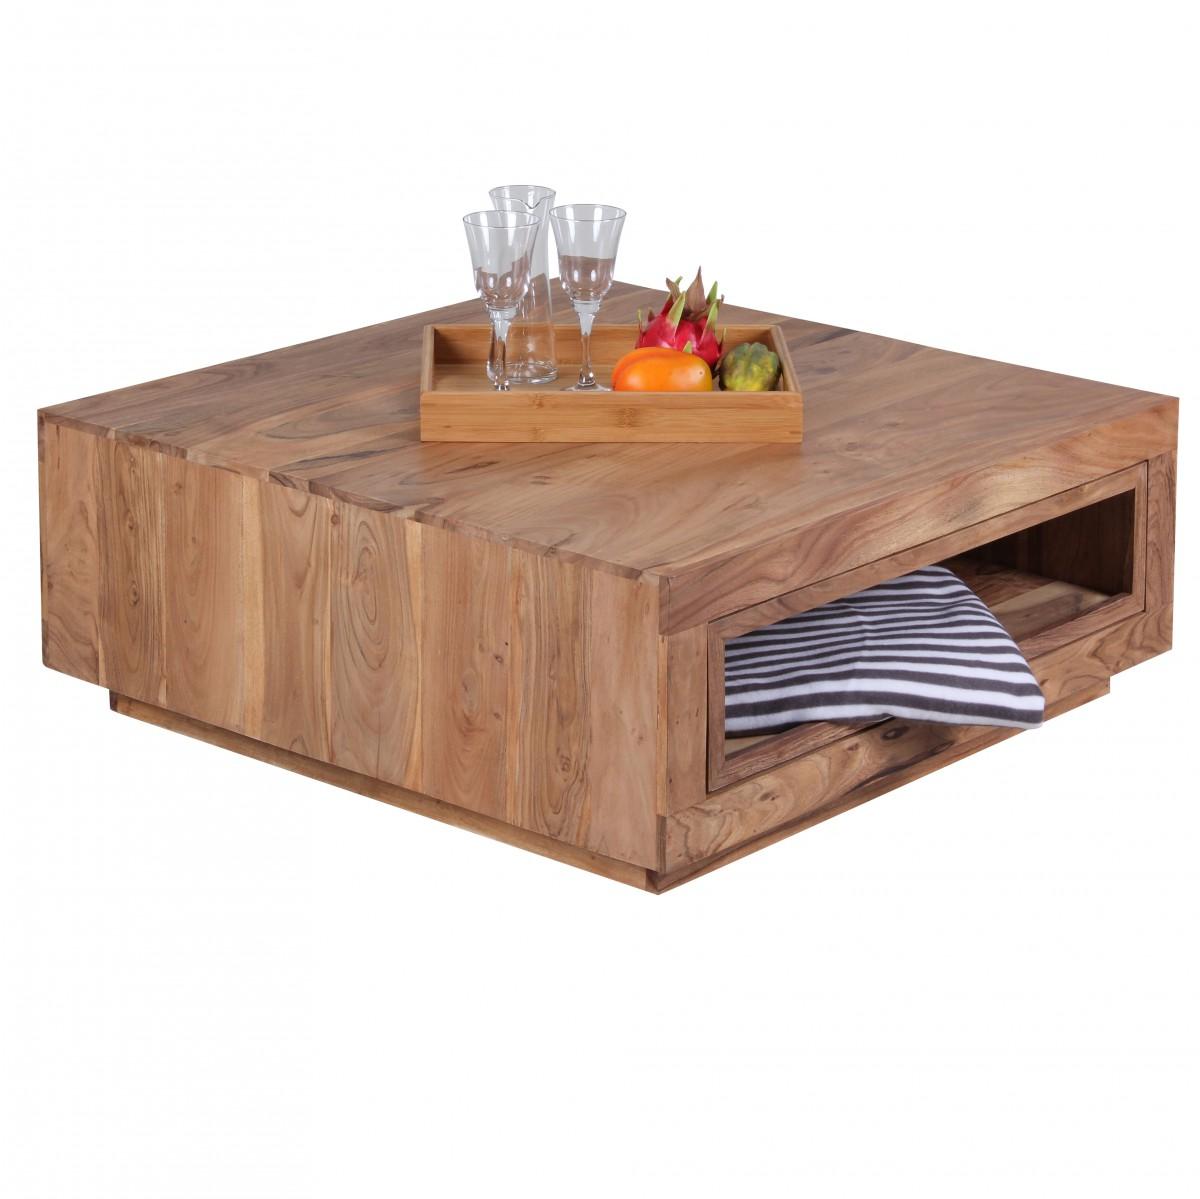 Houten Salontafels Modern.Salontafel Modern Acacia Meubeldeals Nl